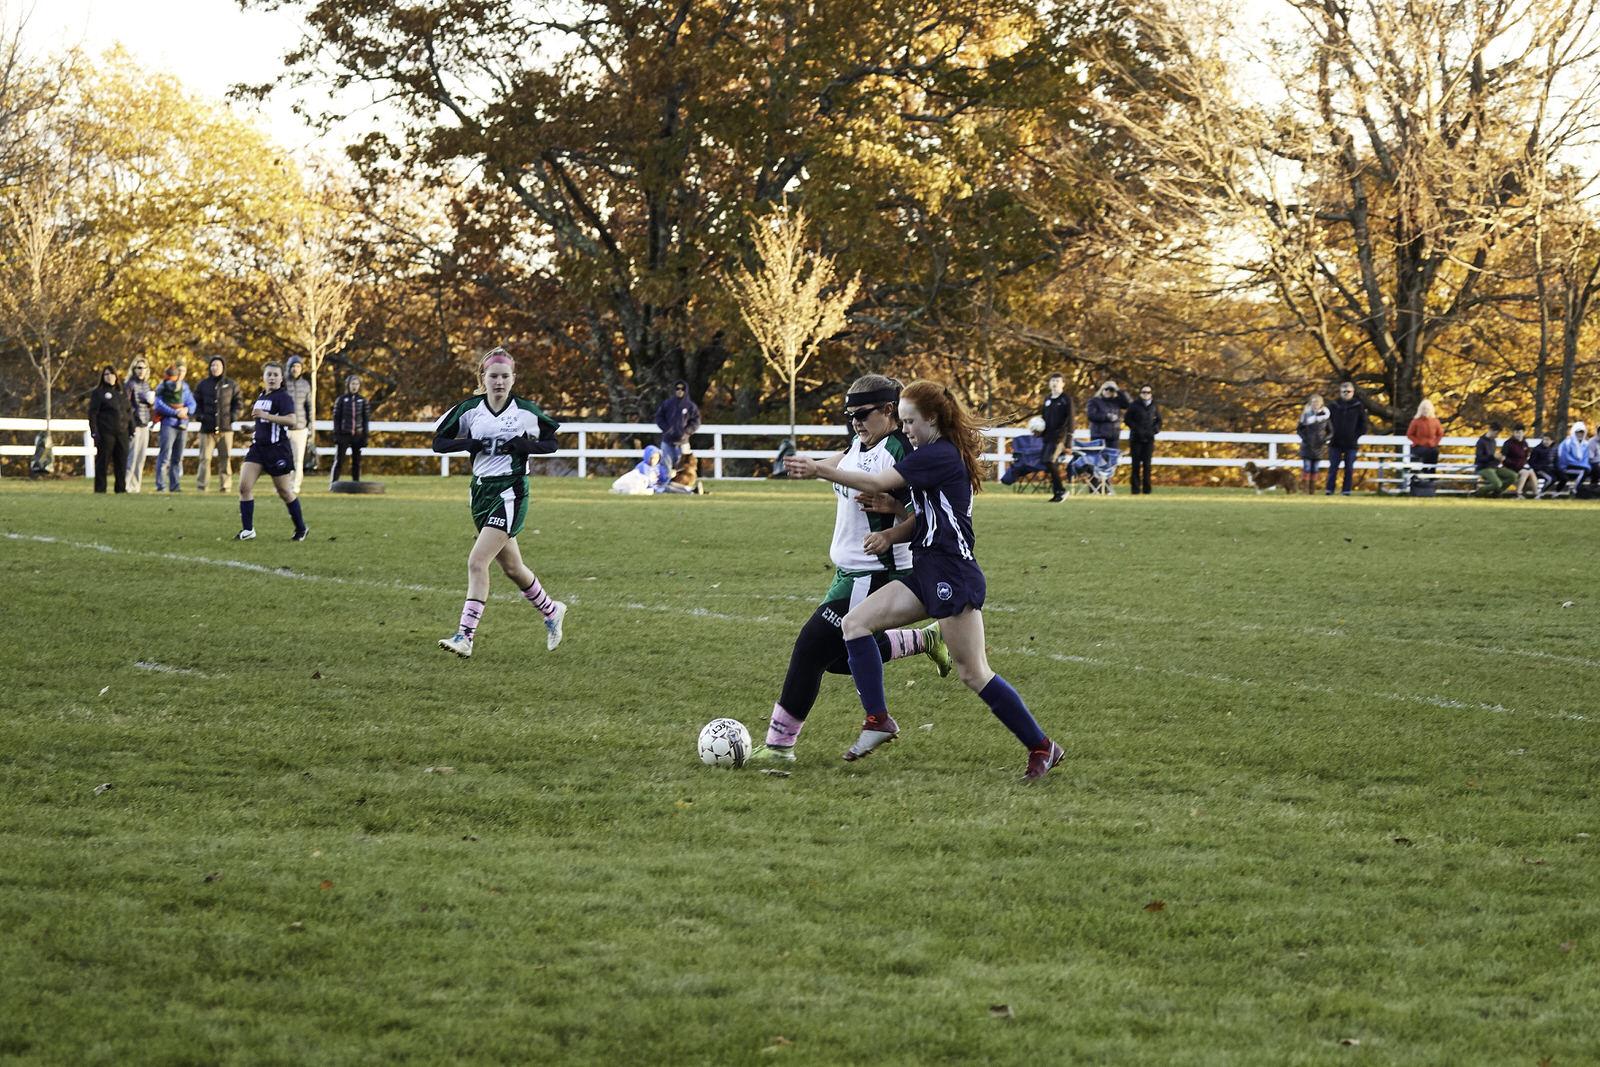 Girls Varsity Soccer vs. Eagle Hill School - October 30, 2018 139191.jpg